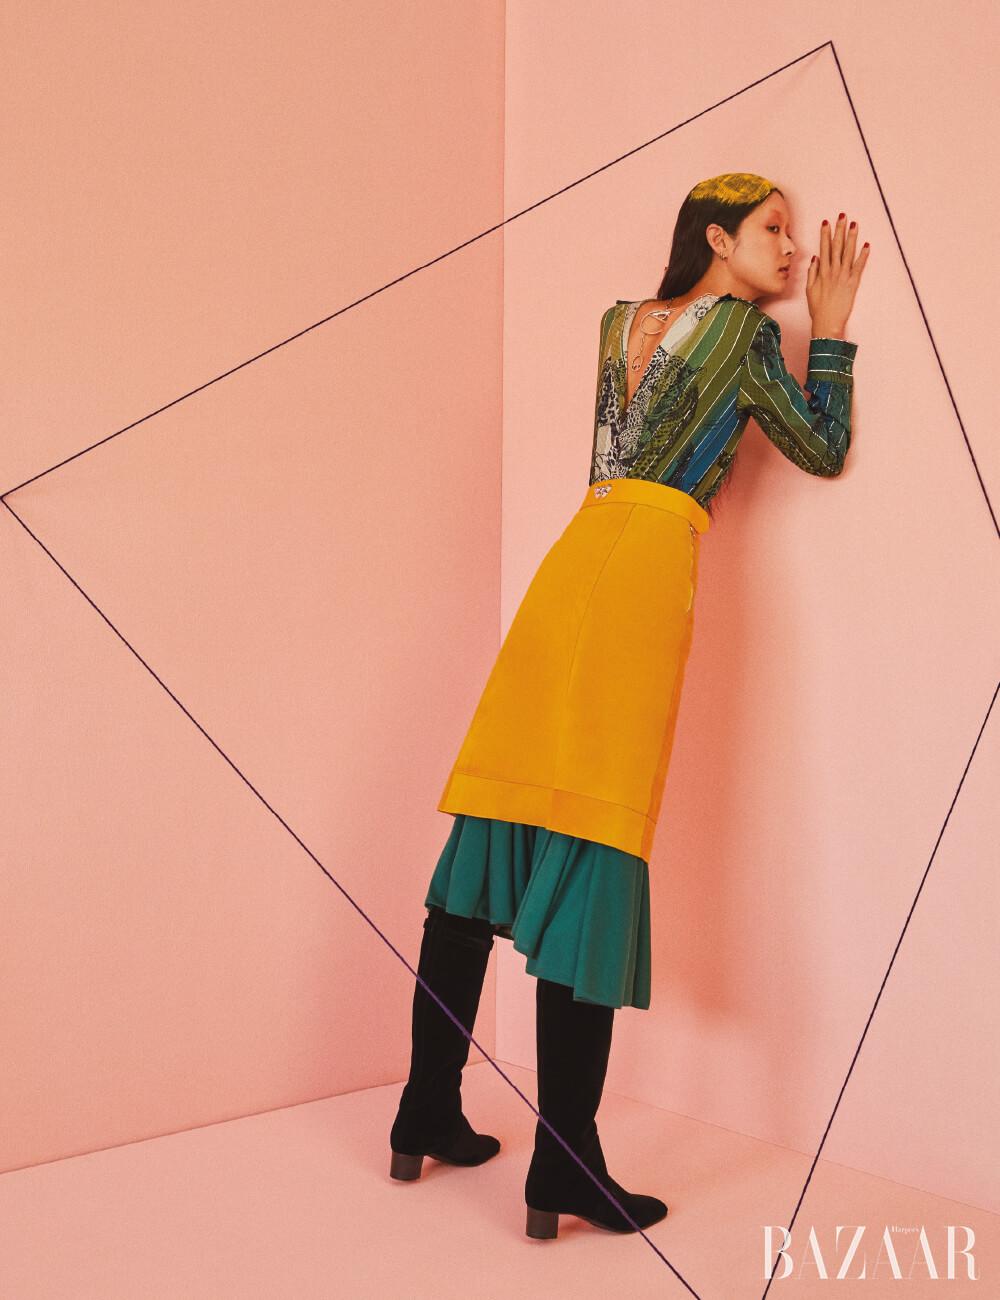 거꾸로 착용한 드레스, 스커트, 목걸이, 부츠는 모두 Hermès.